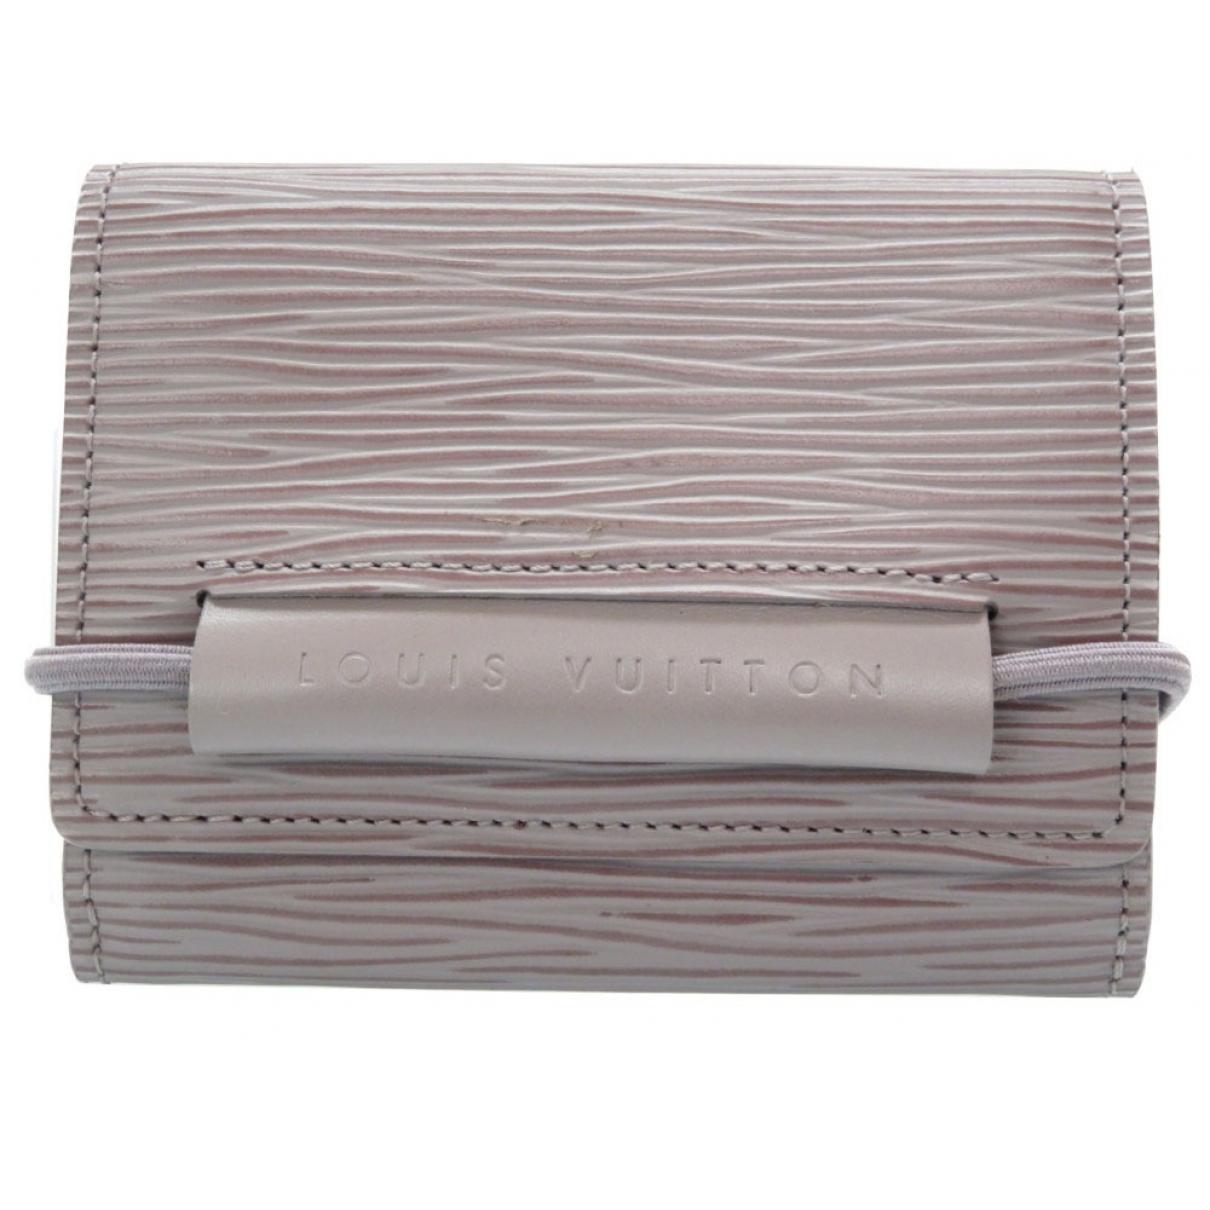 Louis Vuitton \N Purple Leather wallet for Women \N